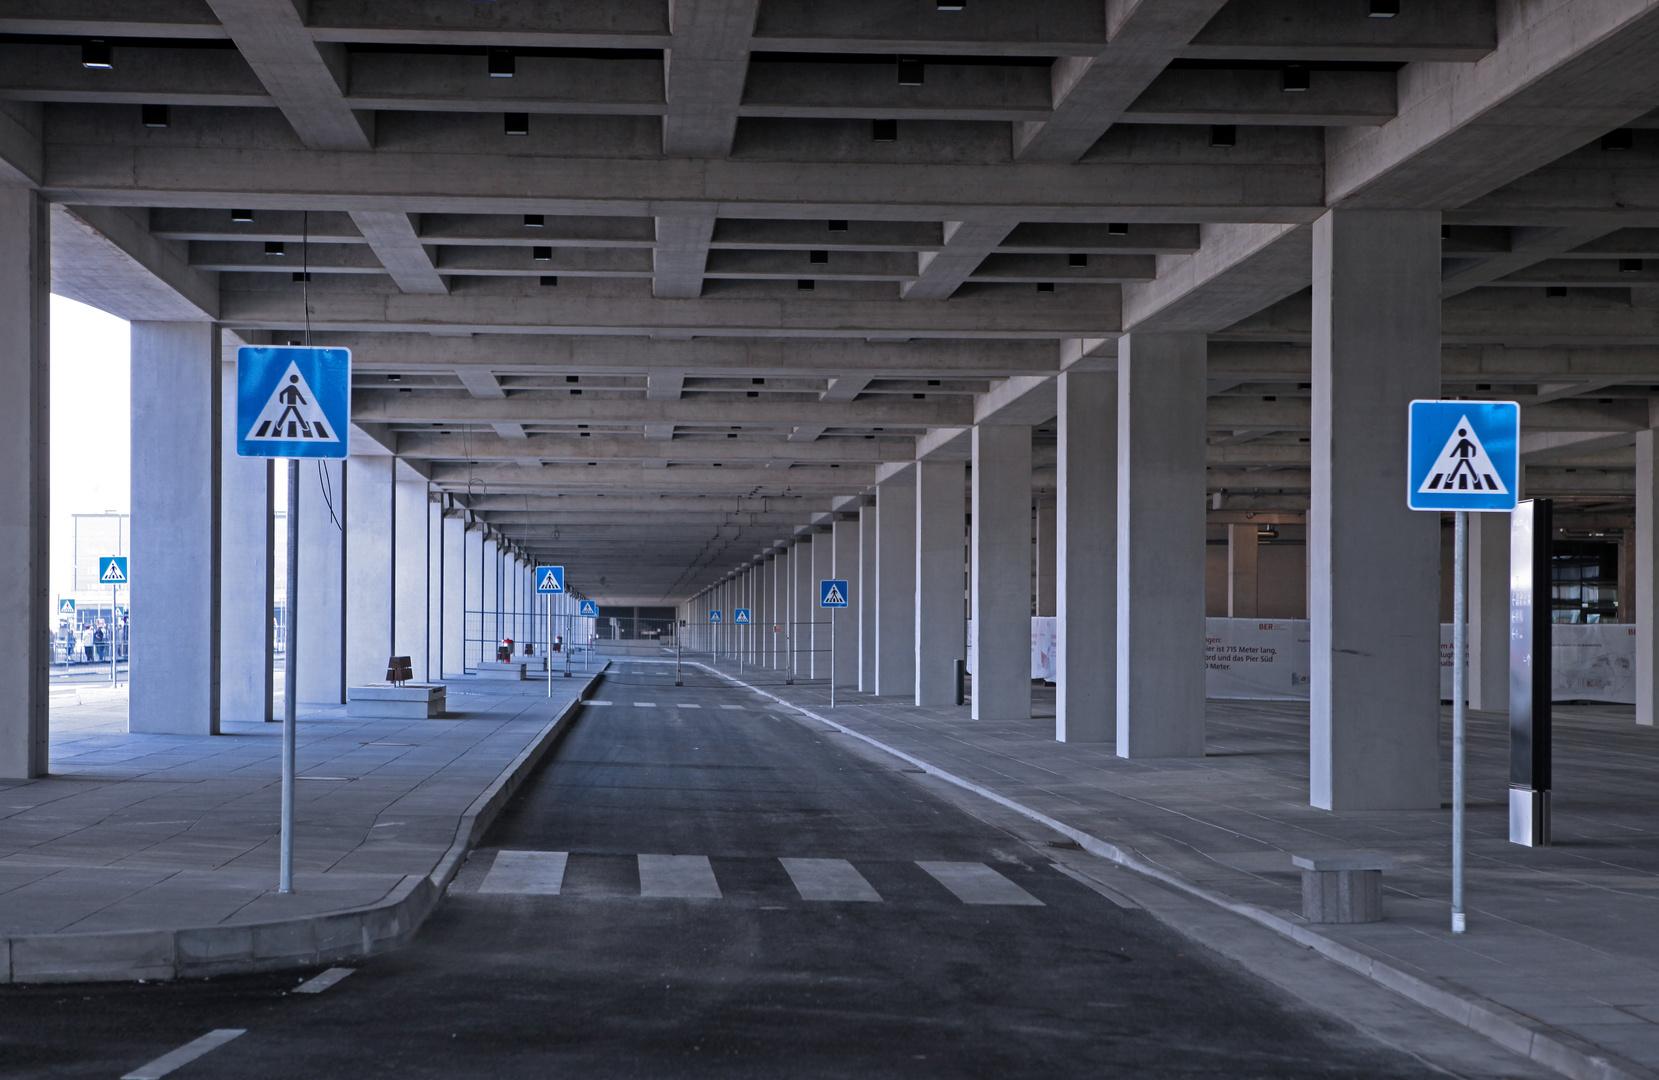 Zebrastreifen-Stillleben am BER